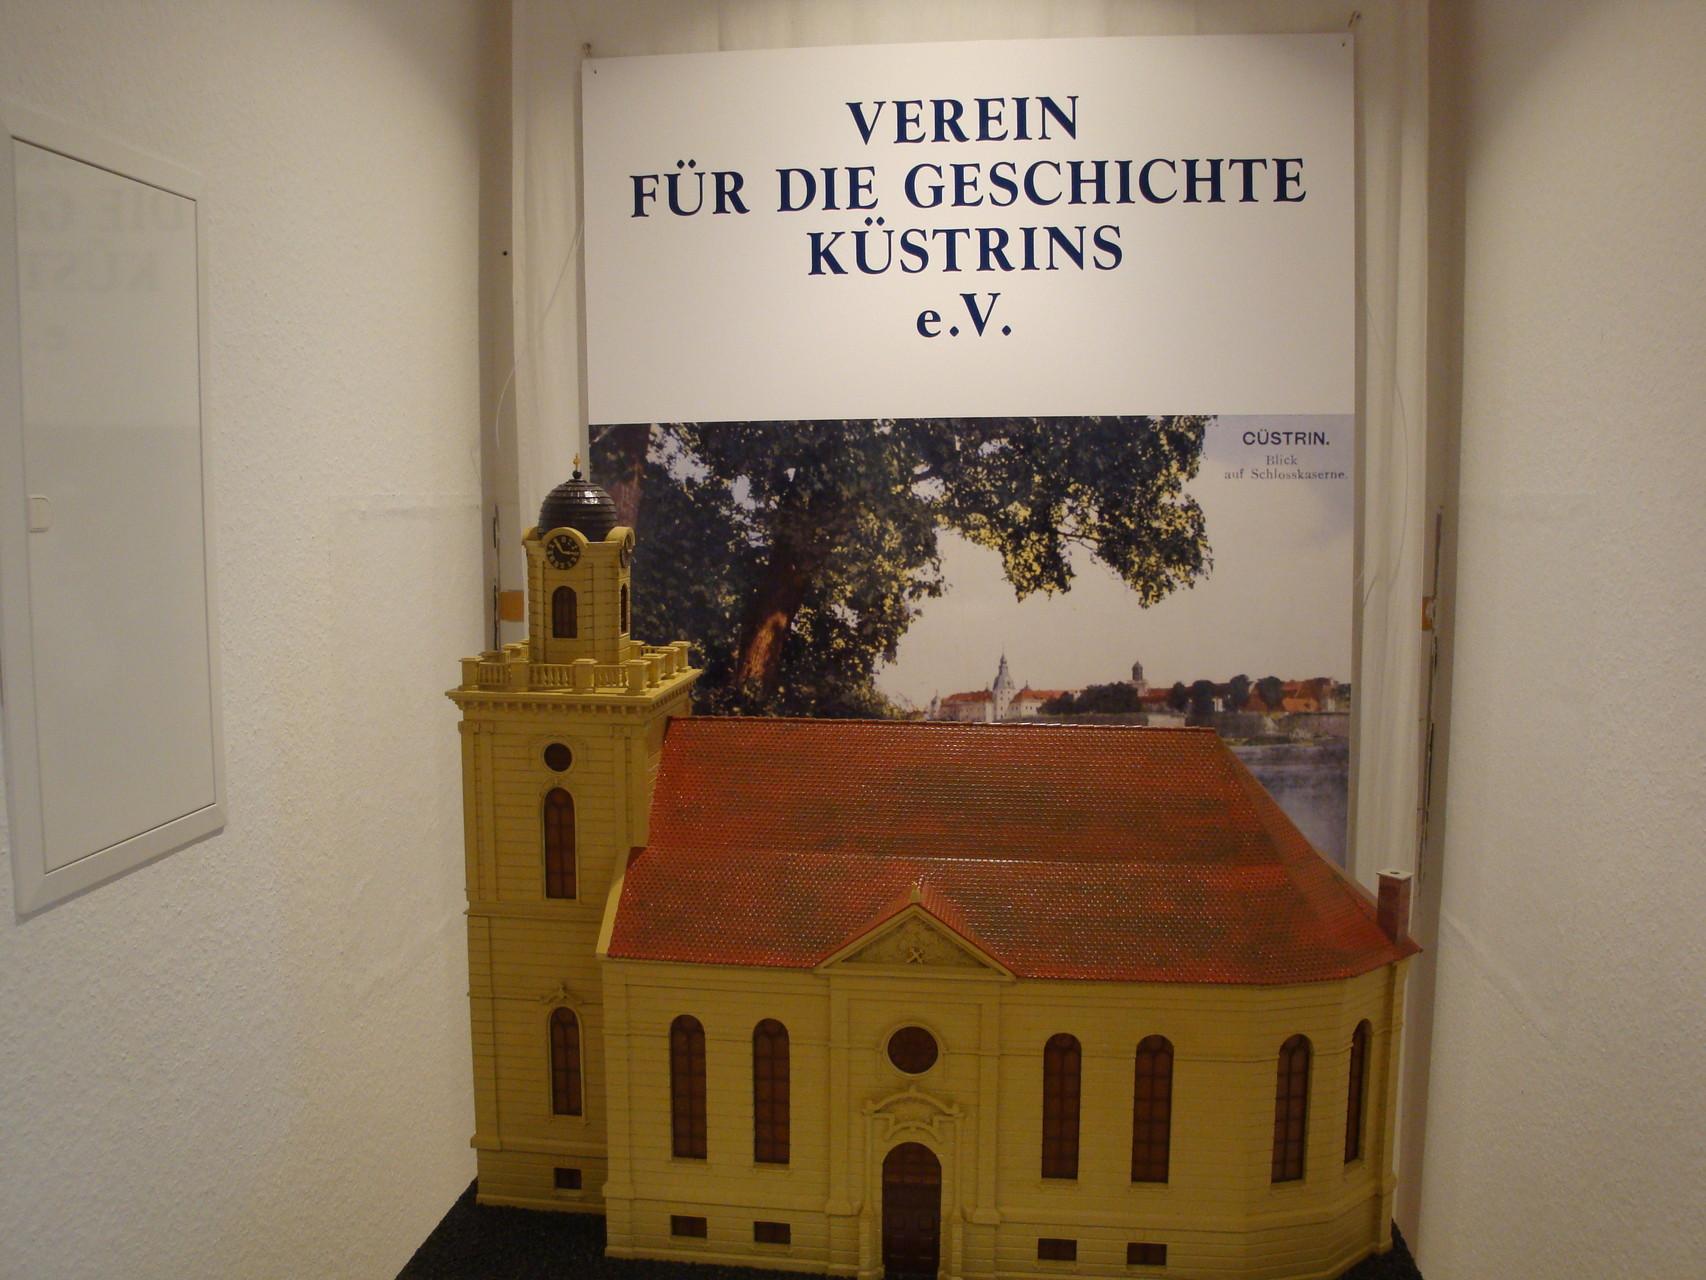 Verein für die Geschichte Küstrins e.V.